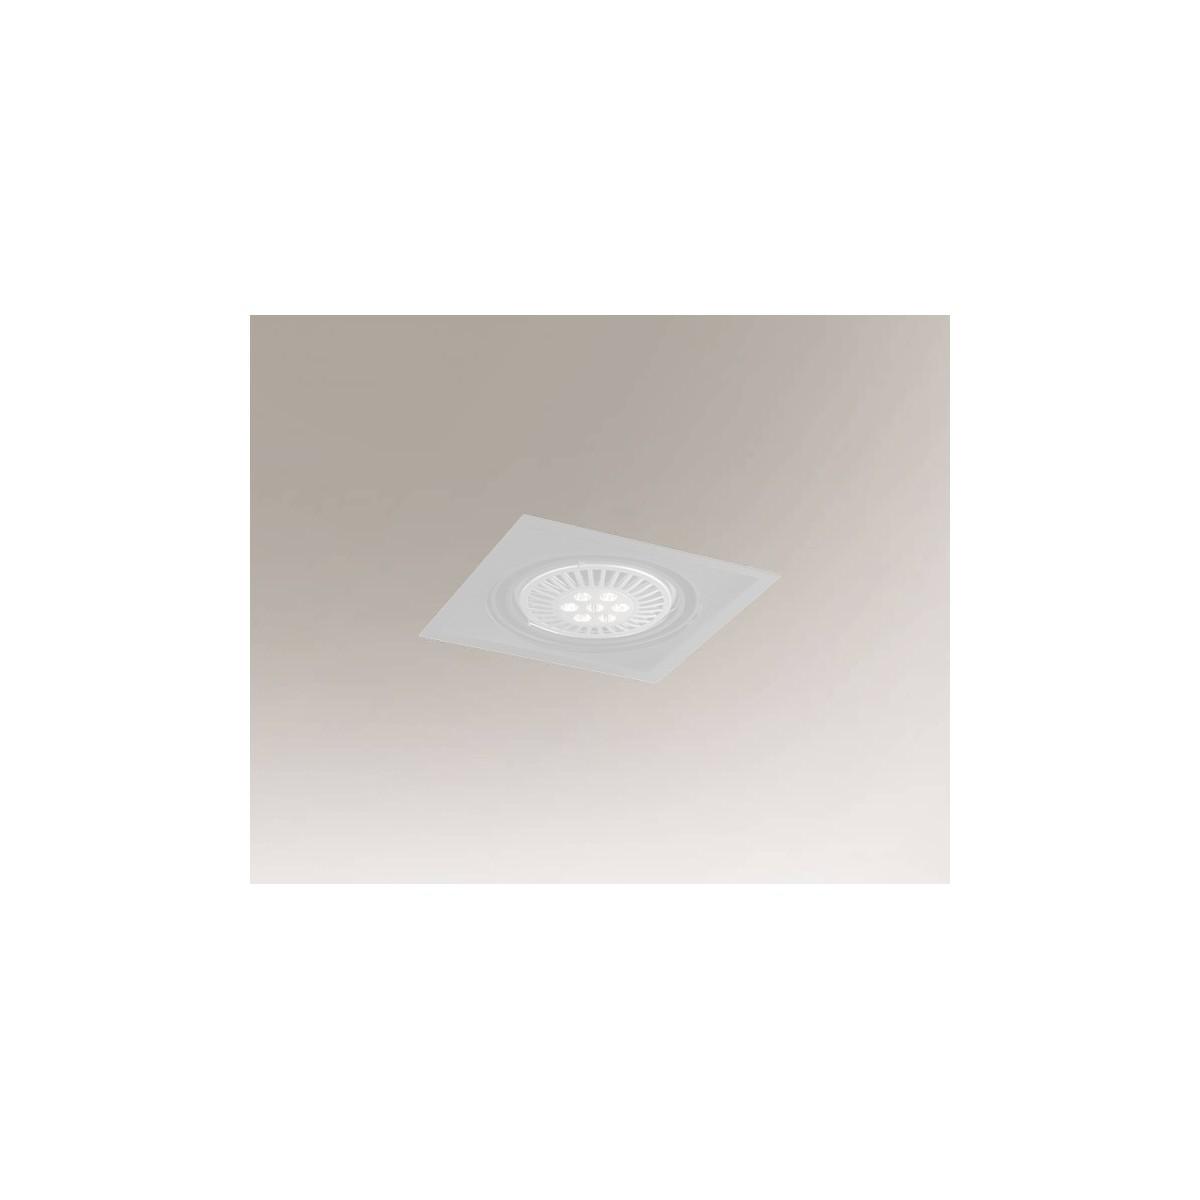 Shilo MUKO H 1xAR111 12V biały wpuszczana 7345